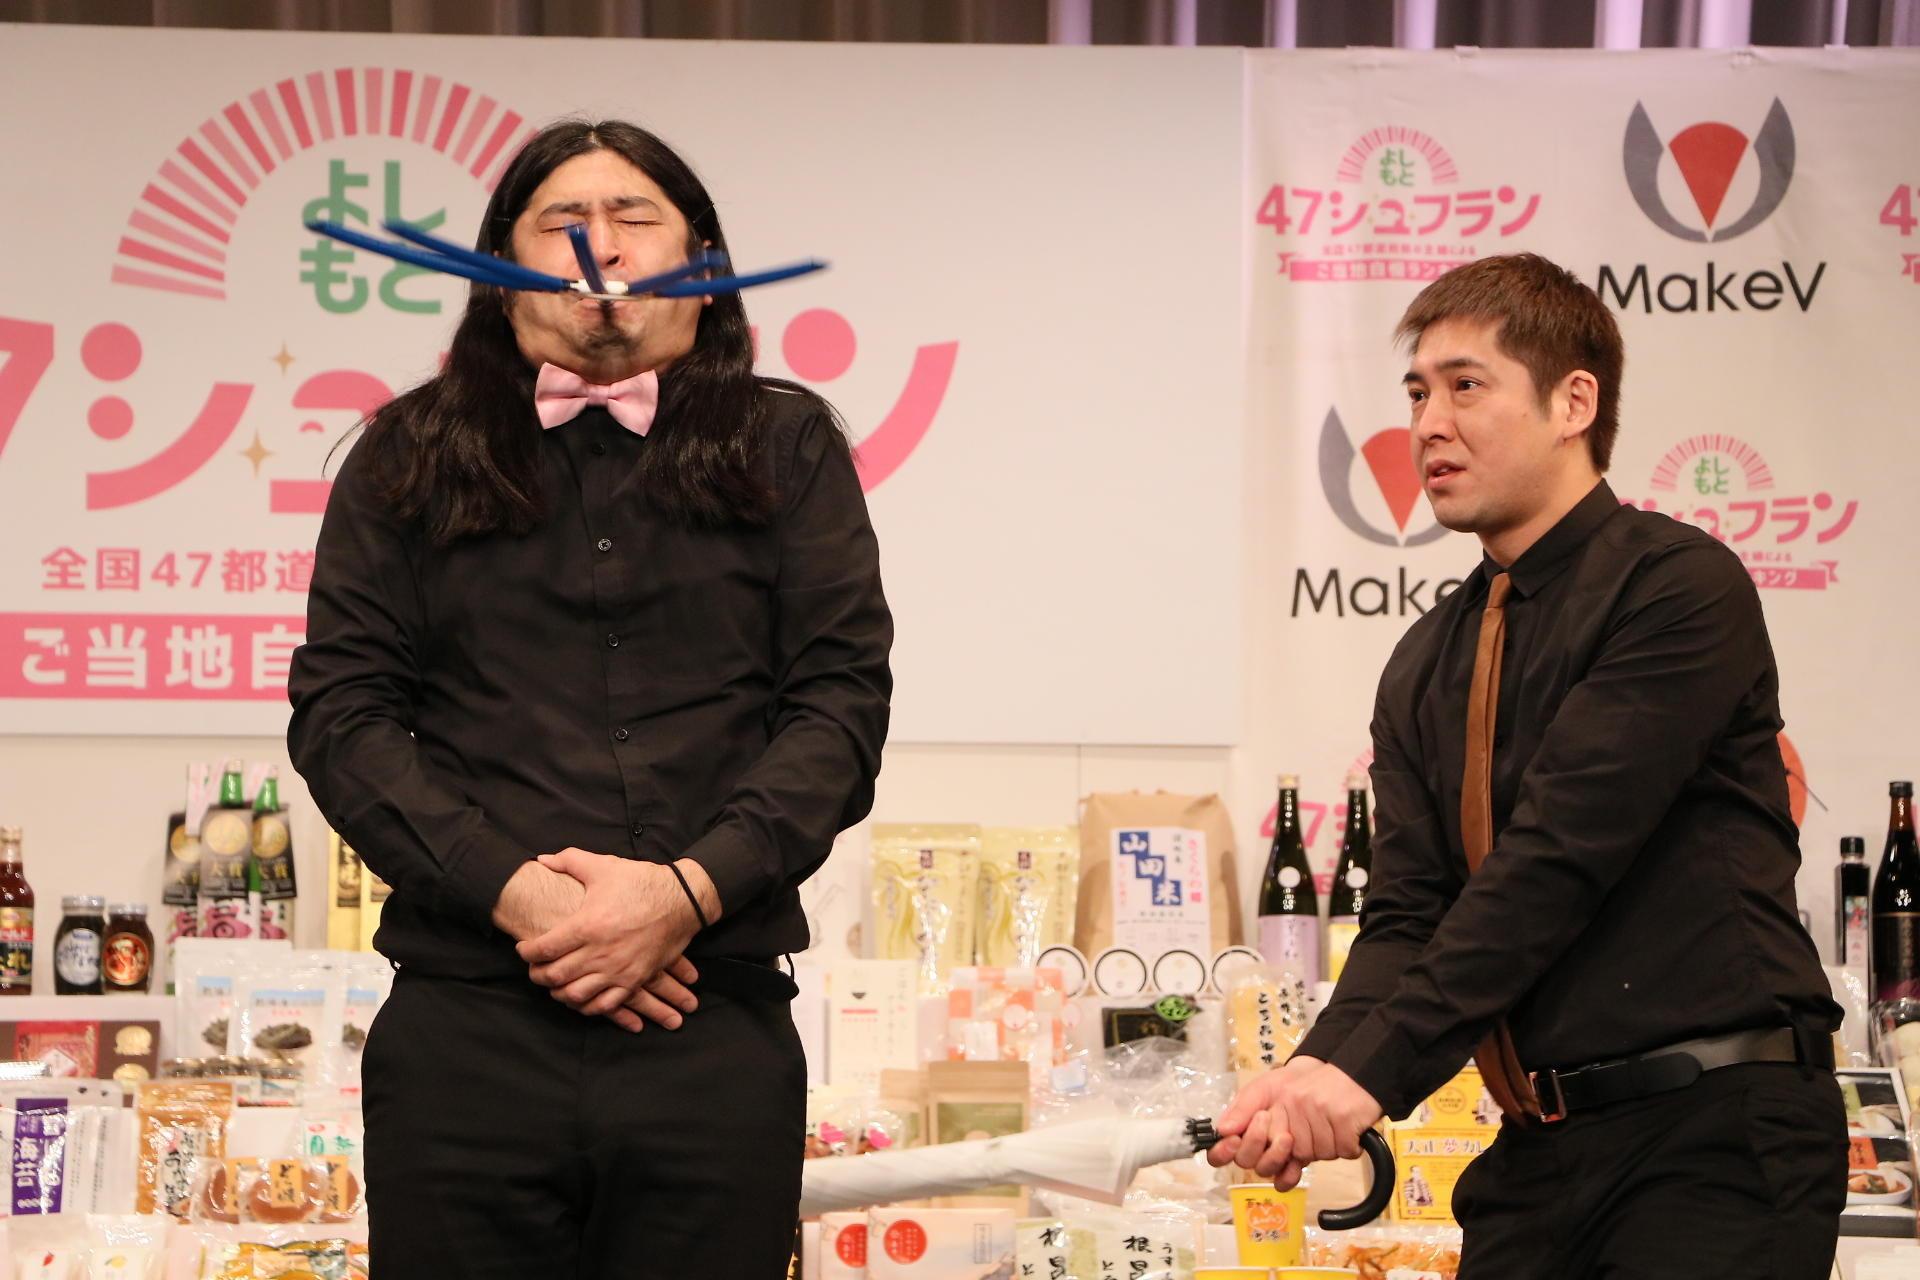 http://news.yoshimoto.co.jp/20180313171733-9320cb9d6b6803351c44b6007de6710a9f0fd9c6.jpg